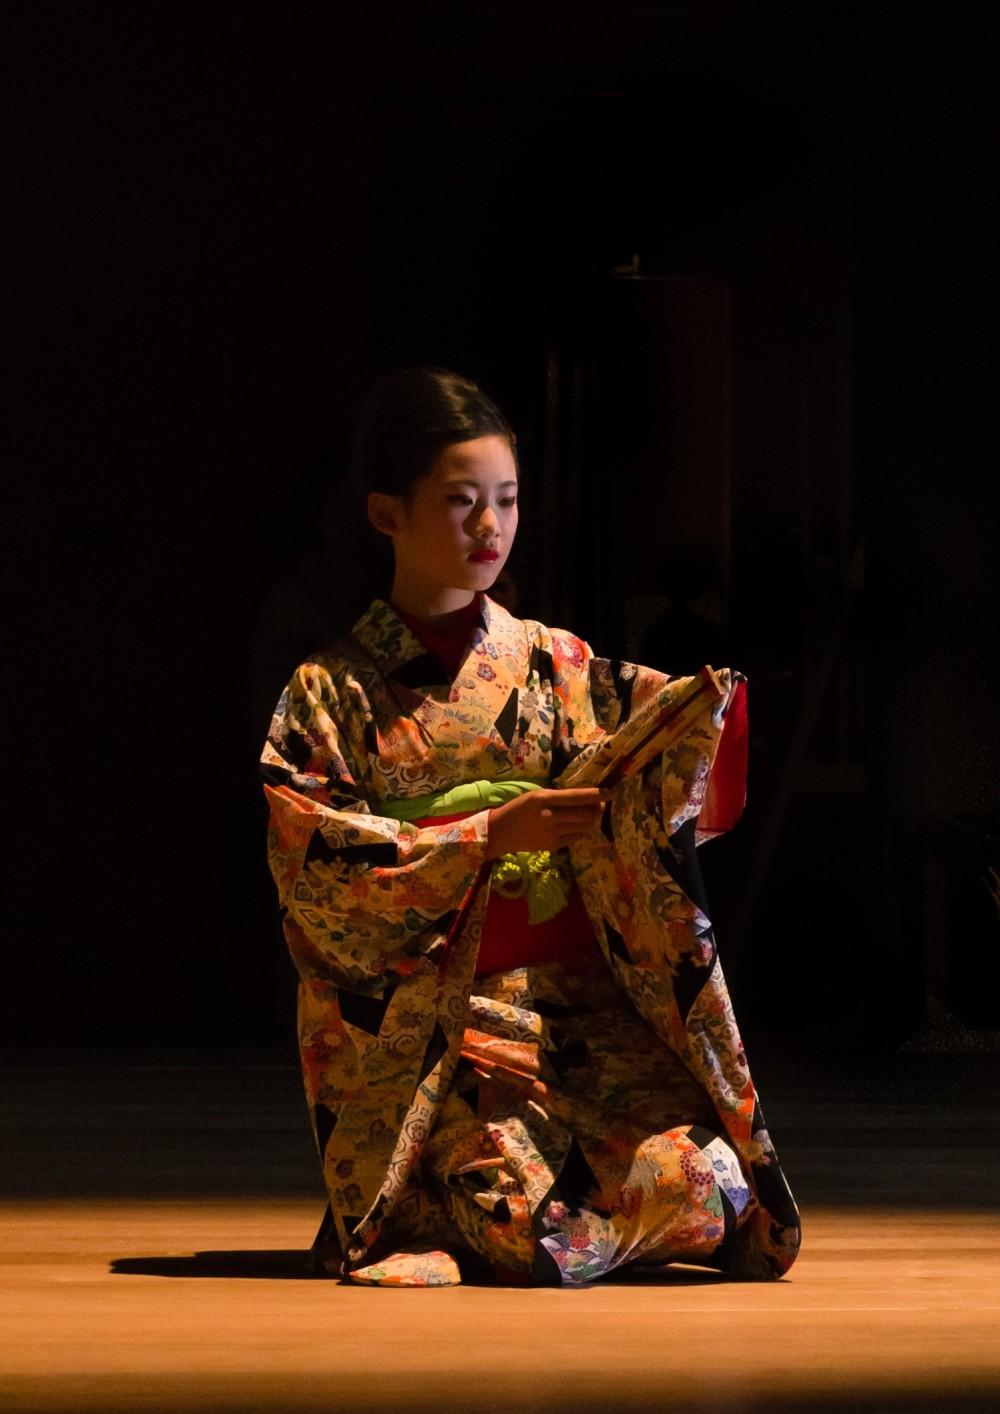 2011 Kozue no Kai Dance Recital VI